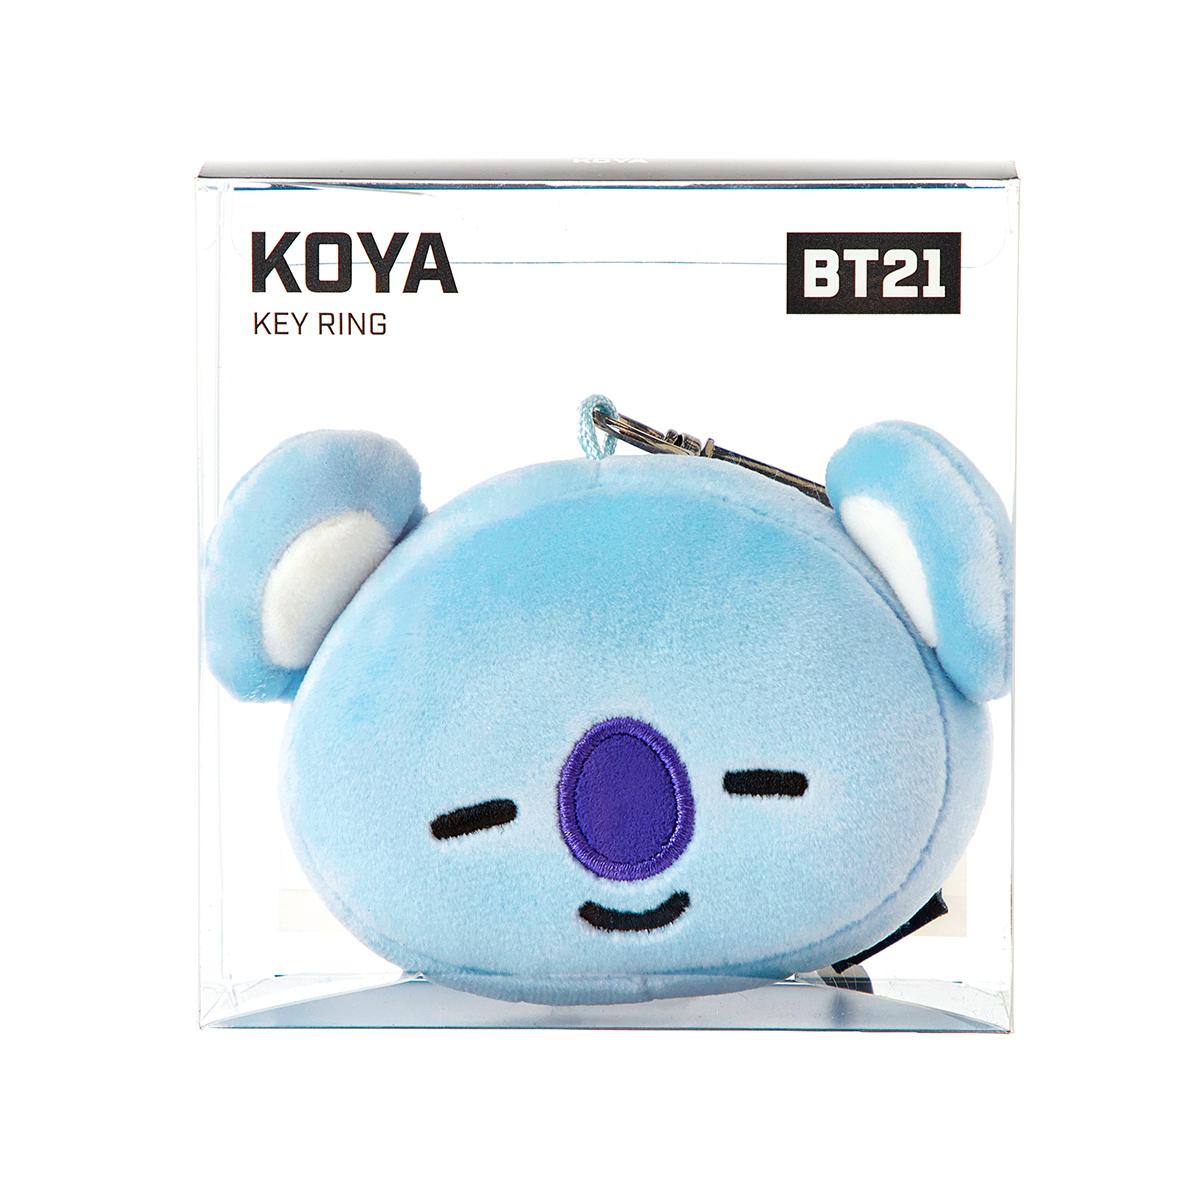 BT21 KOYA 얼굴인형 키링 (10cm)